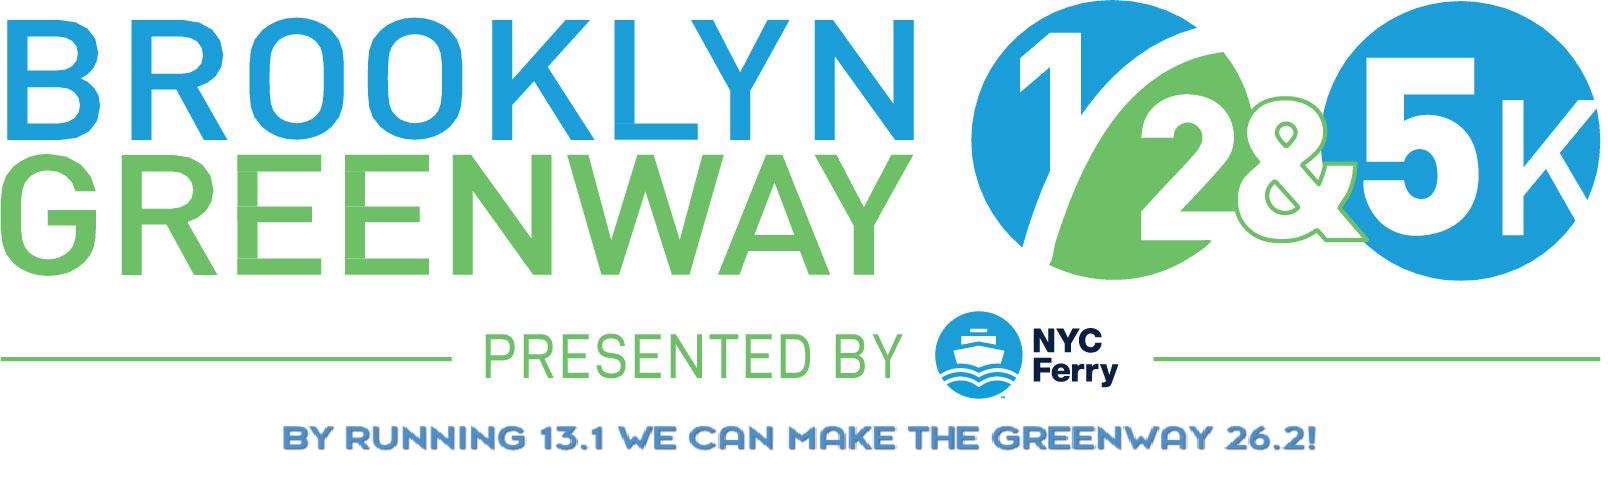 2019 Brooklyn Greenway Half and 5k